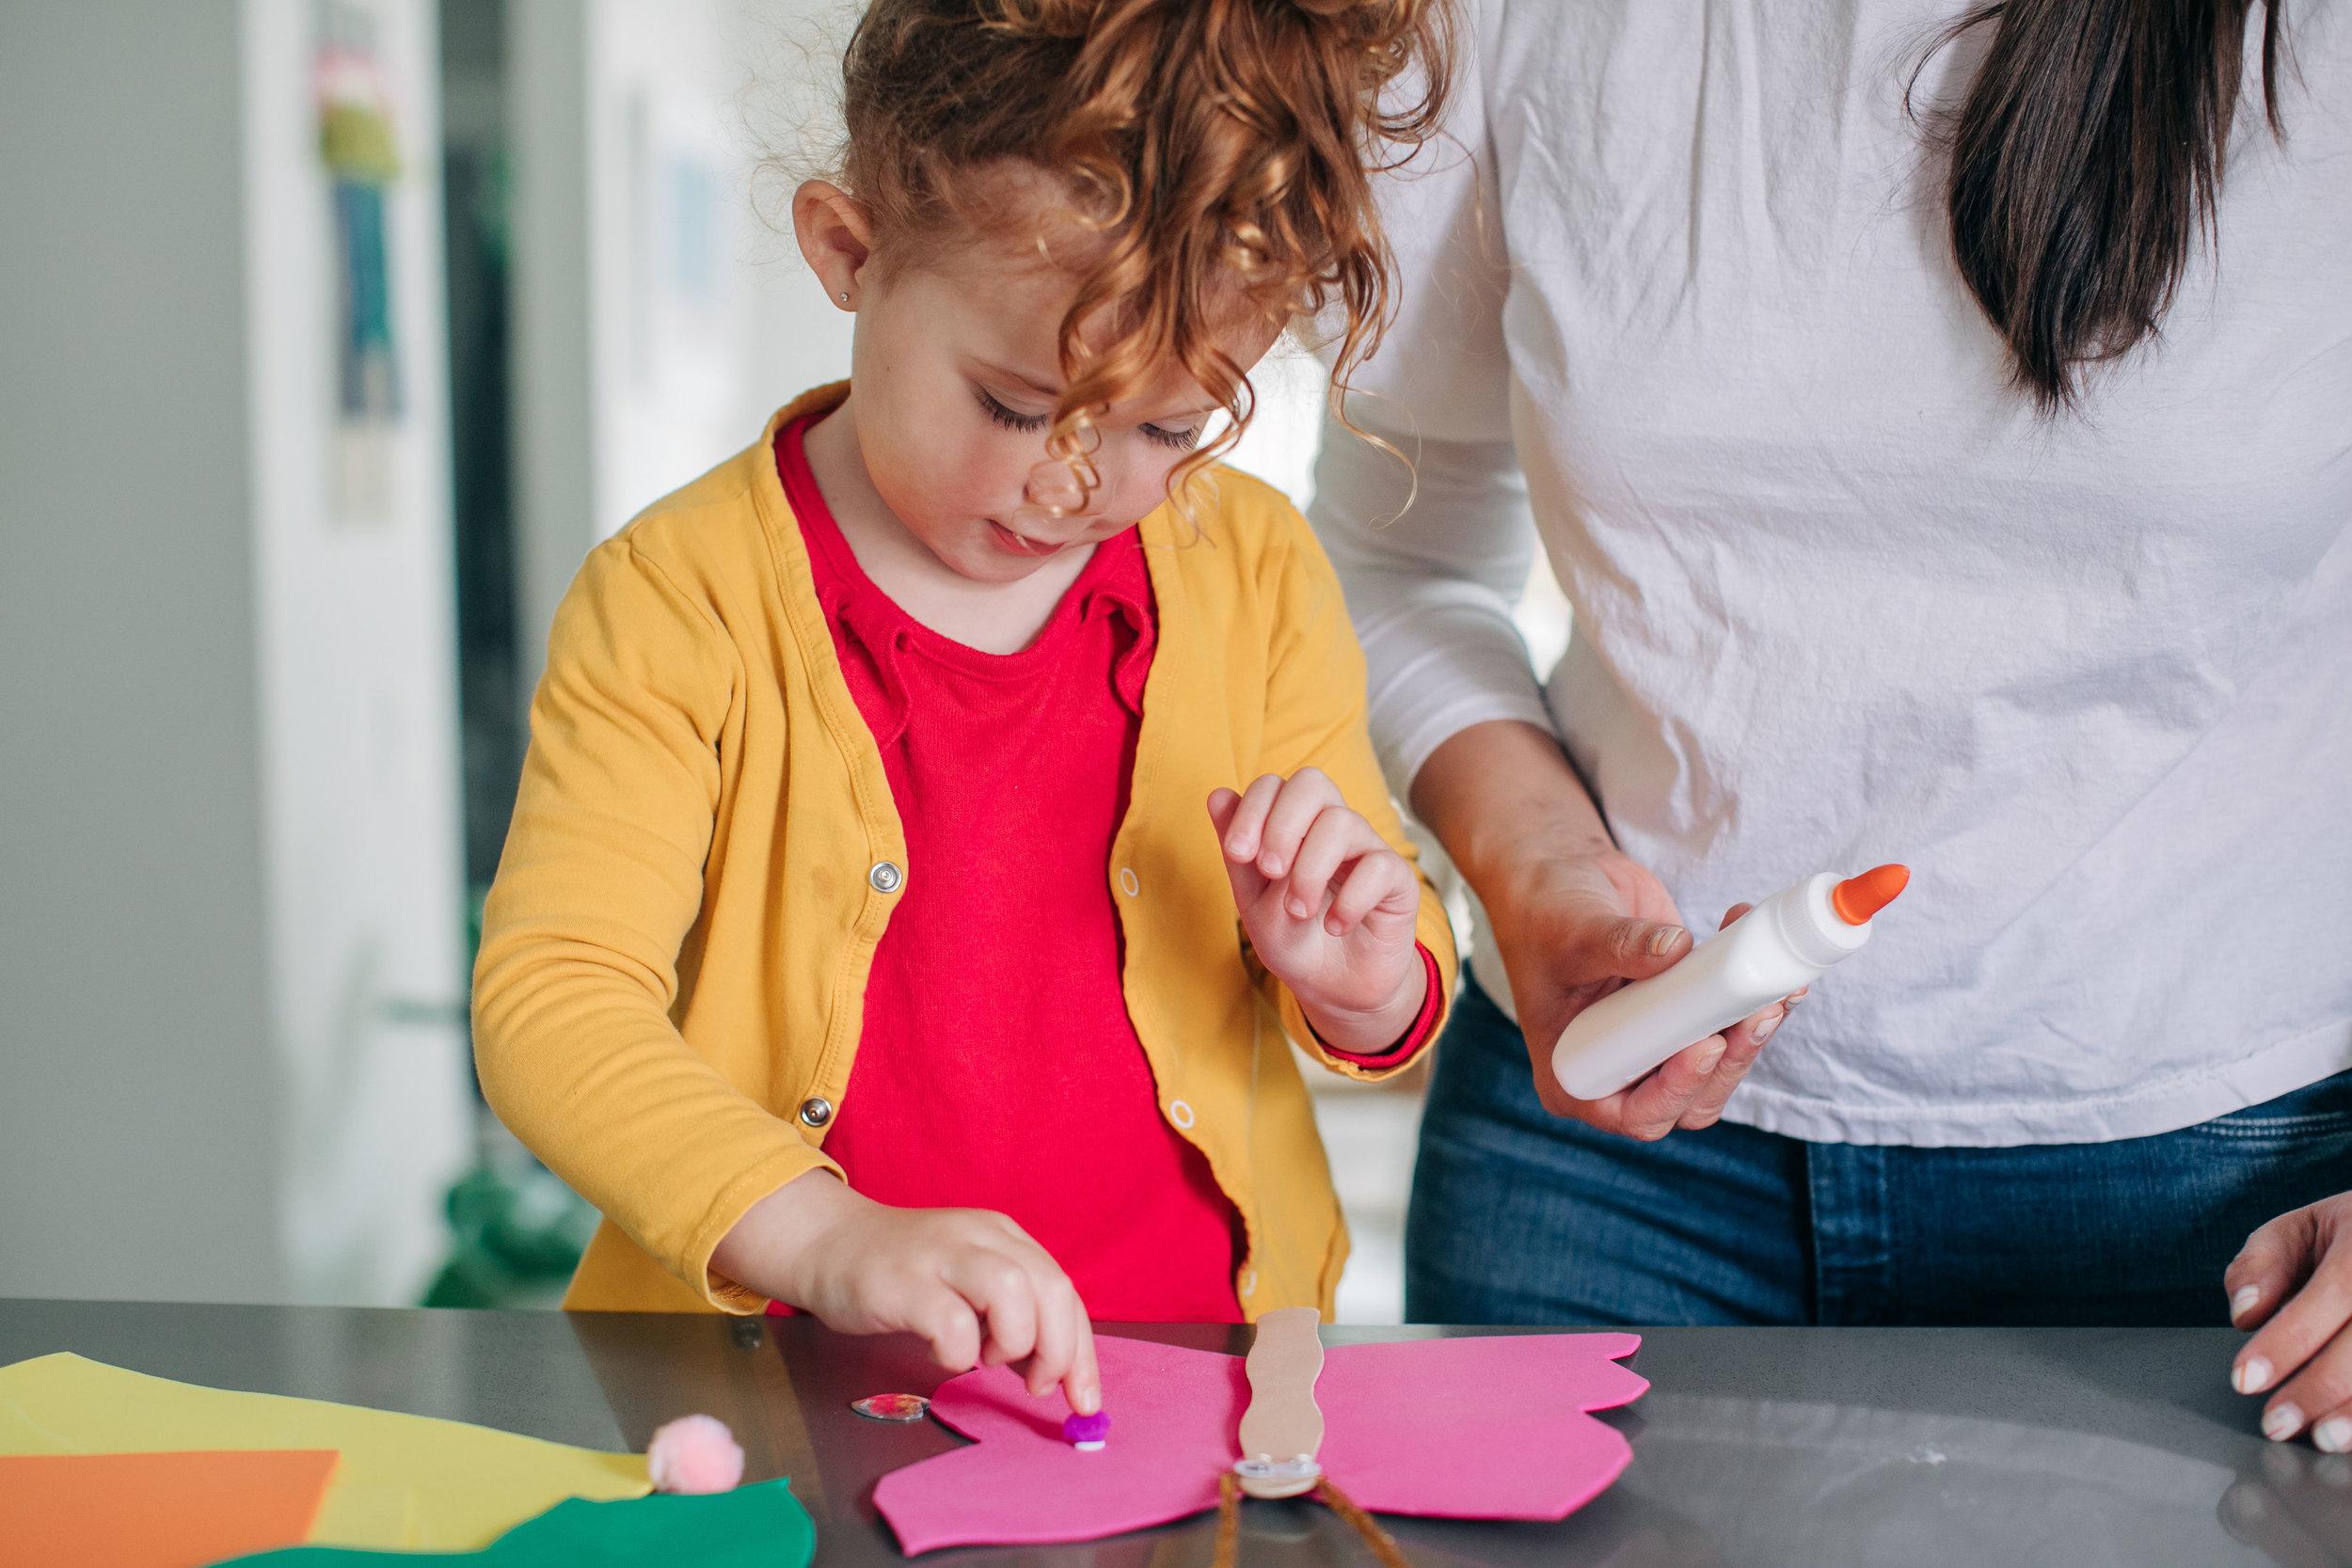 ButterflyCraft_BabyBoyBakery_LilyRoPhotography-13.jpg